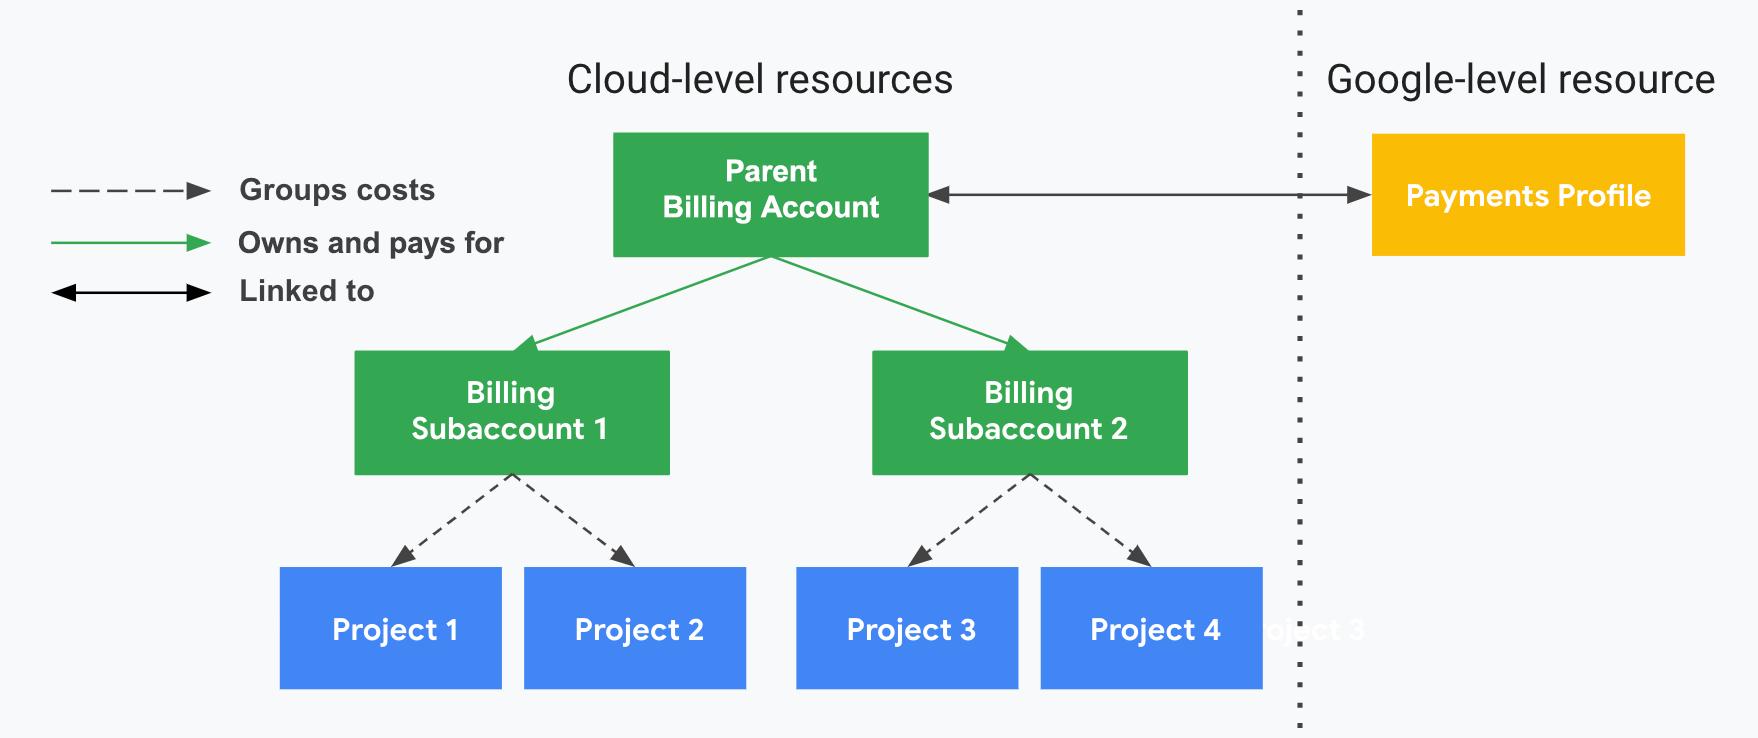 说明了项目与 Cloud Billing 帐号、Cloud Billing 子帐号以及您的付款资料之间的关系。一侧显示了您的 Cloud 级资源(Cloud Billing 帐号、子帐号和关联项目),另一侧显示了您的 Google 级资源(付款资料),两侧由垂直虚线分隔。项目使用费按关联的 Cloud Billing 子帐号归为一组并计算小计金额。子帐号由与付款资料关联的父级 Cloud Billing 帐号支付。